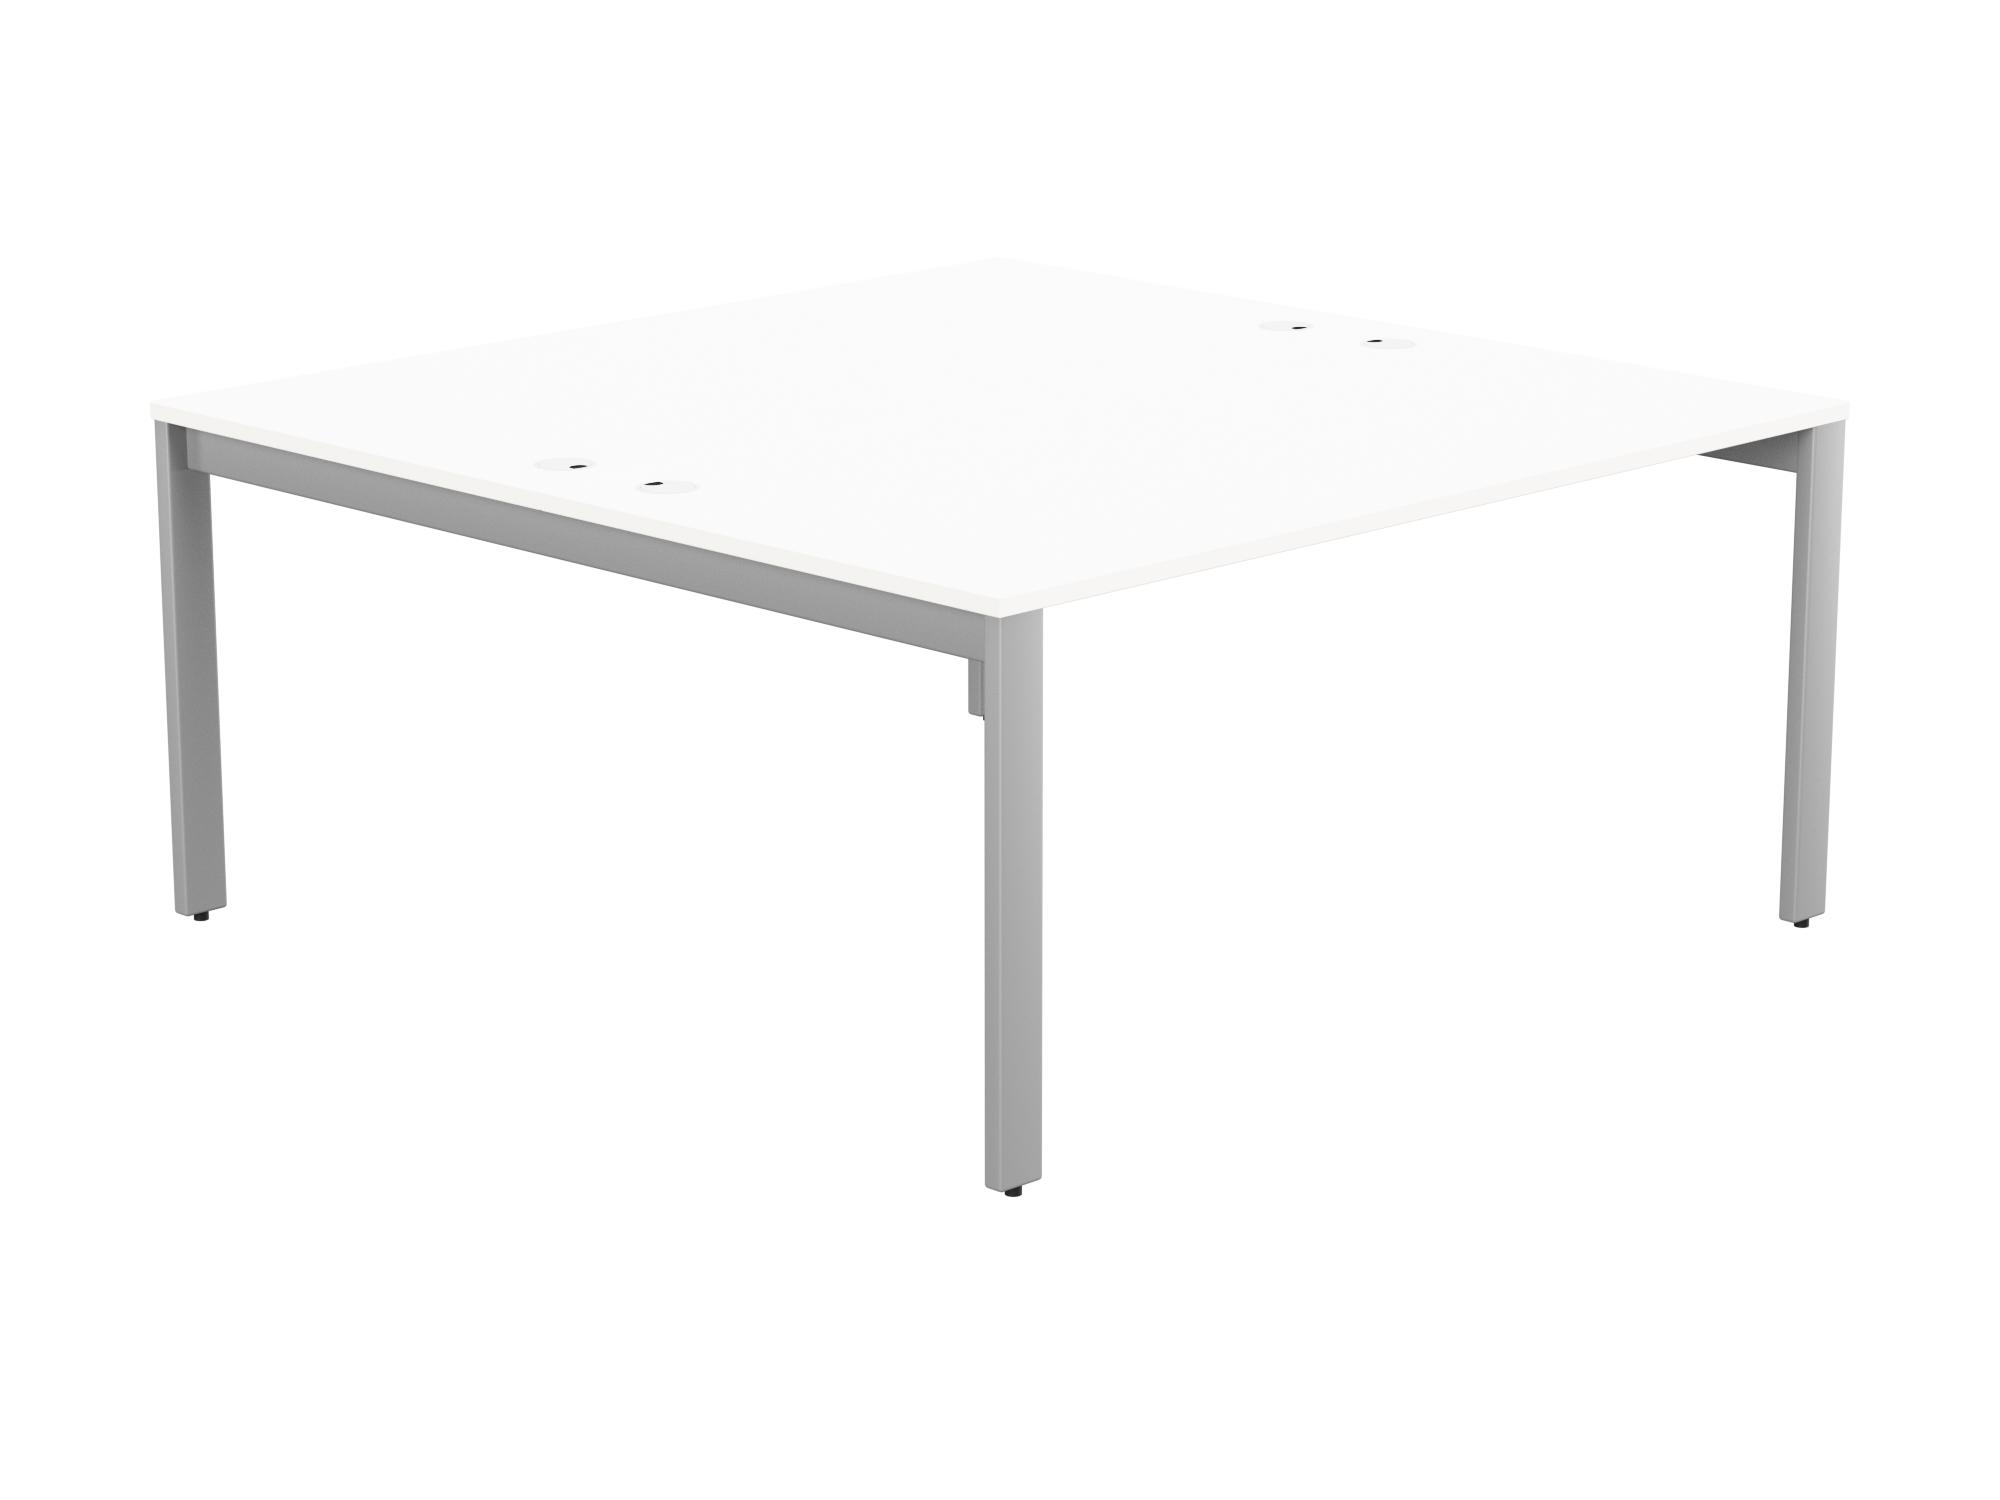 Switch 2 Person Bench Open Leg Portal Top 1600 x 800 - Silver Frame / White Top